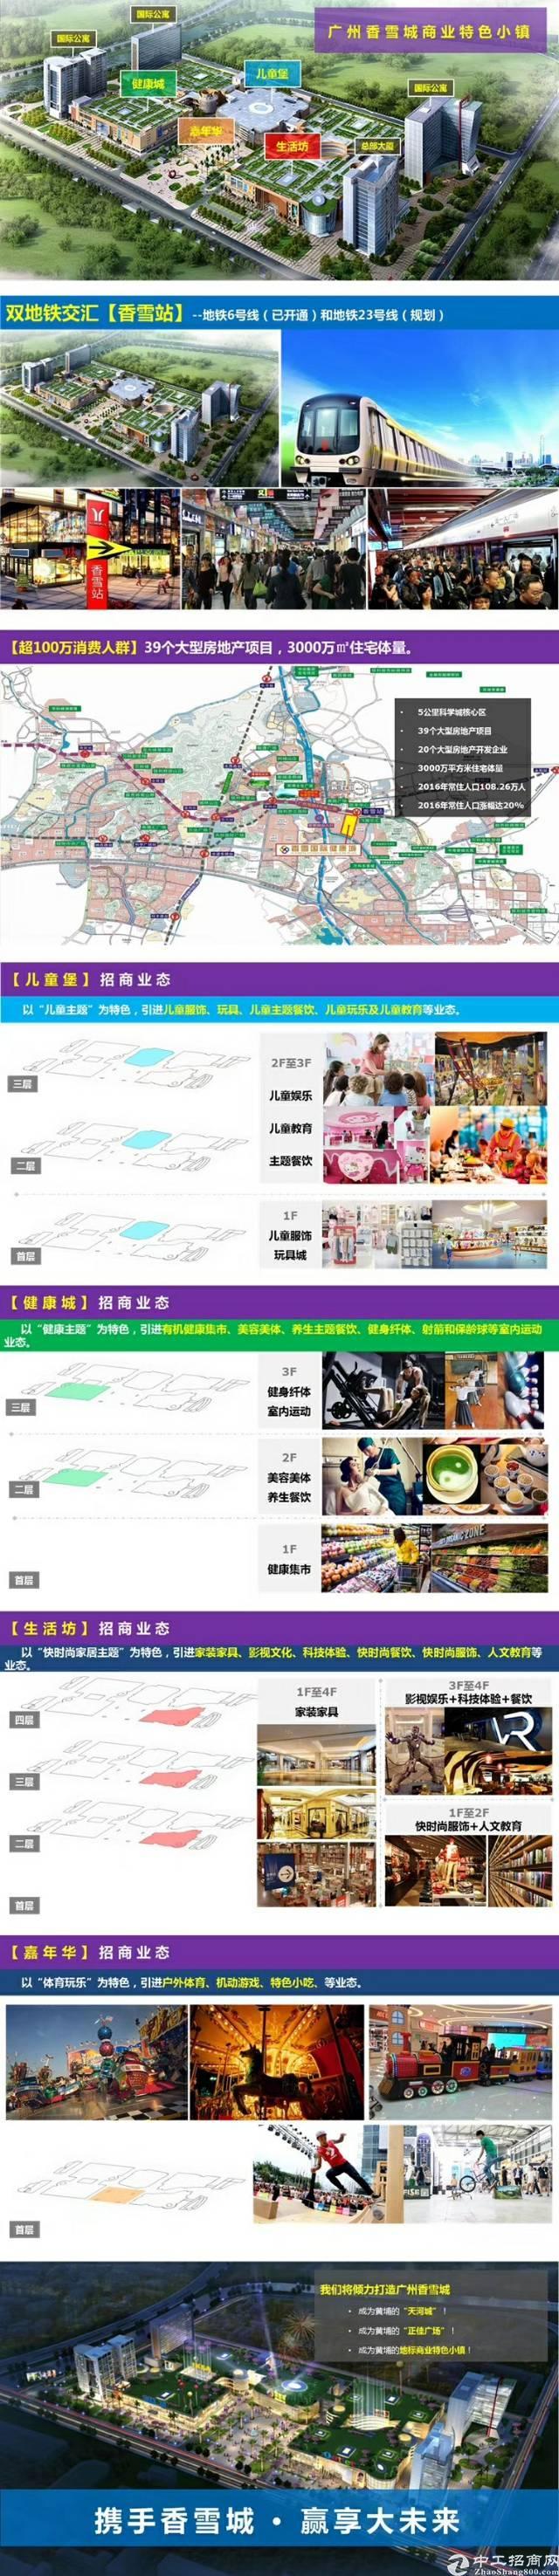 广州香雪城占地面积约17万平方米,总规划建筑面积超46万平方